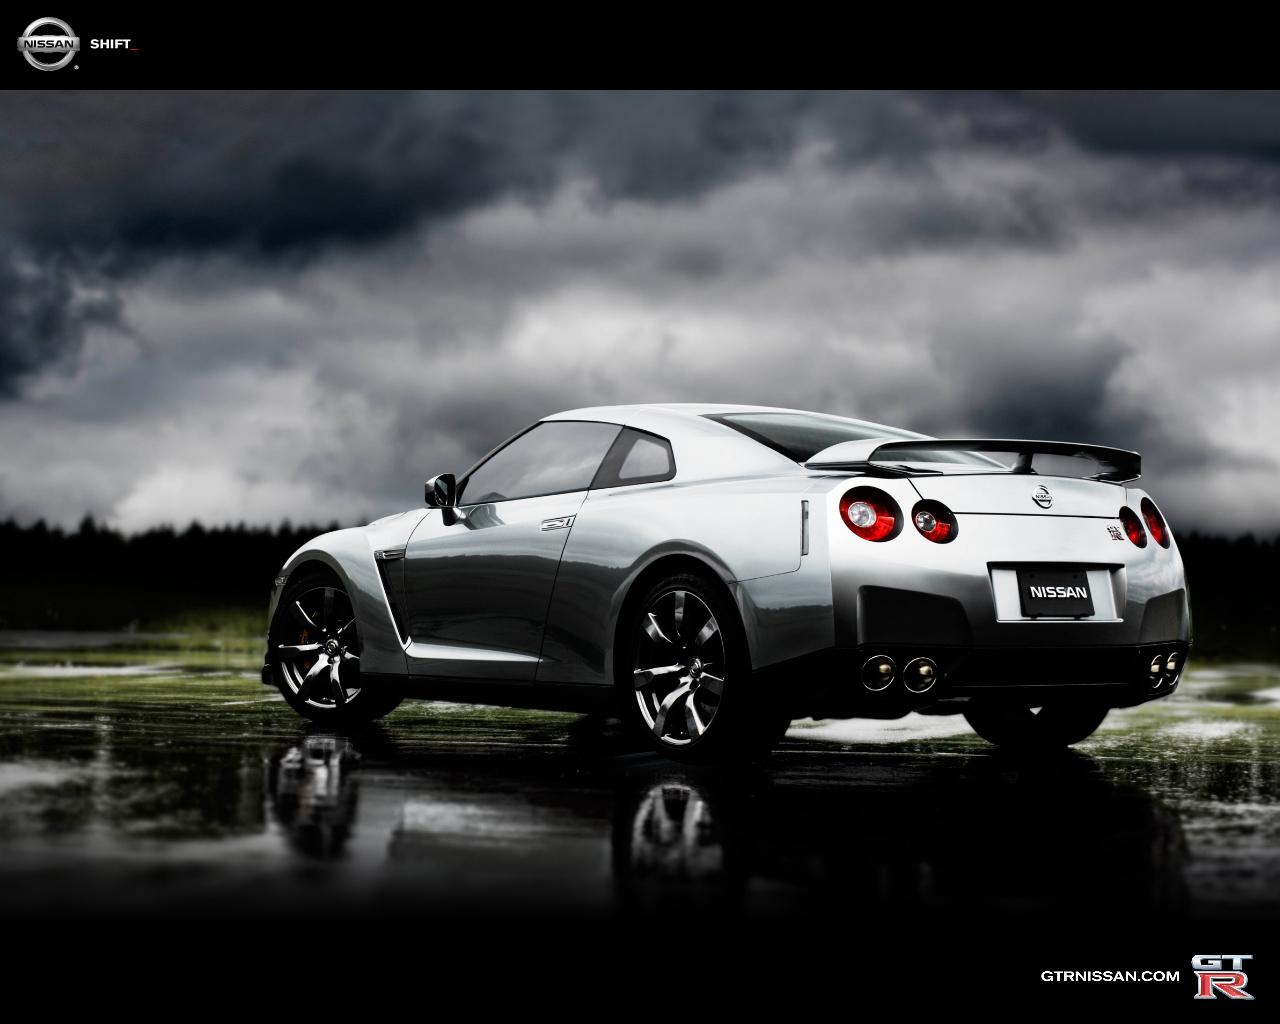 http://2.bp.blogspot.com/-8d2kxDRk7cY/TwWRBqh8PGI/AAAAAAAAB3Q/FDqkXqGsFV4/s1600/Nissan-GT-R-5.jpg